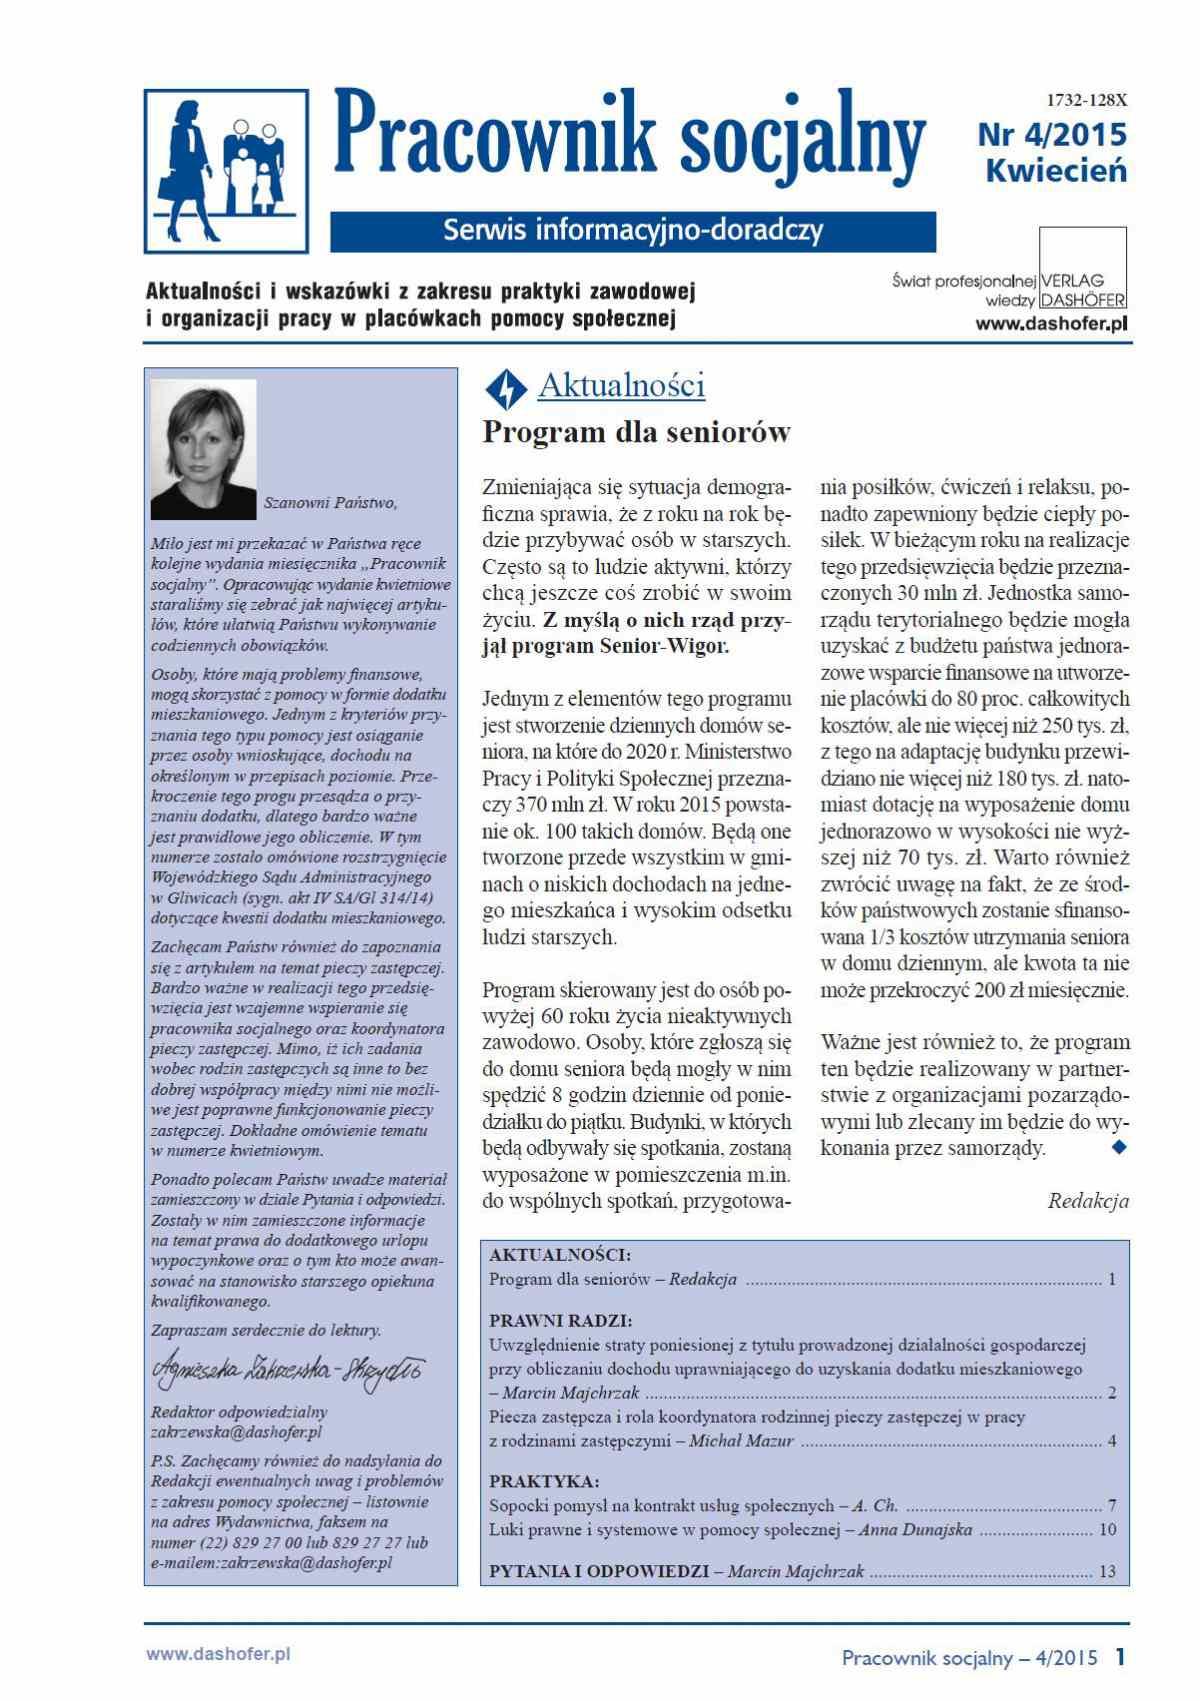 Pracownik socjalny. Aktualności i wskazówki z zakresu praktyki zawodowej i organizacji pracy w placówkach pomocy społecznej. Nr 4/2015 - Ebook (Książka PDF) do pobrania w formacie PDF